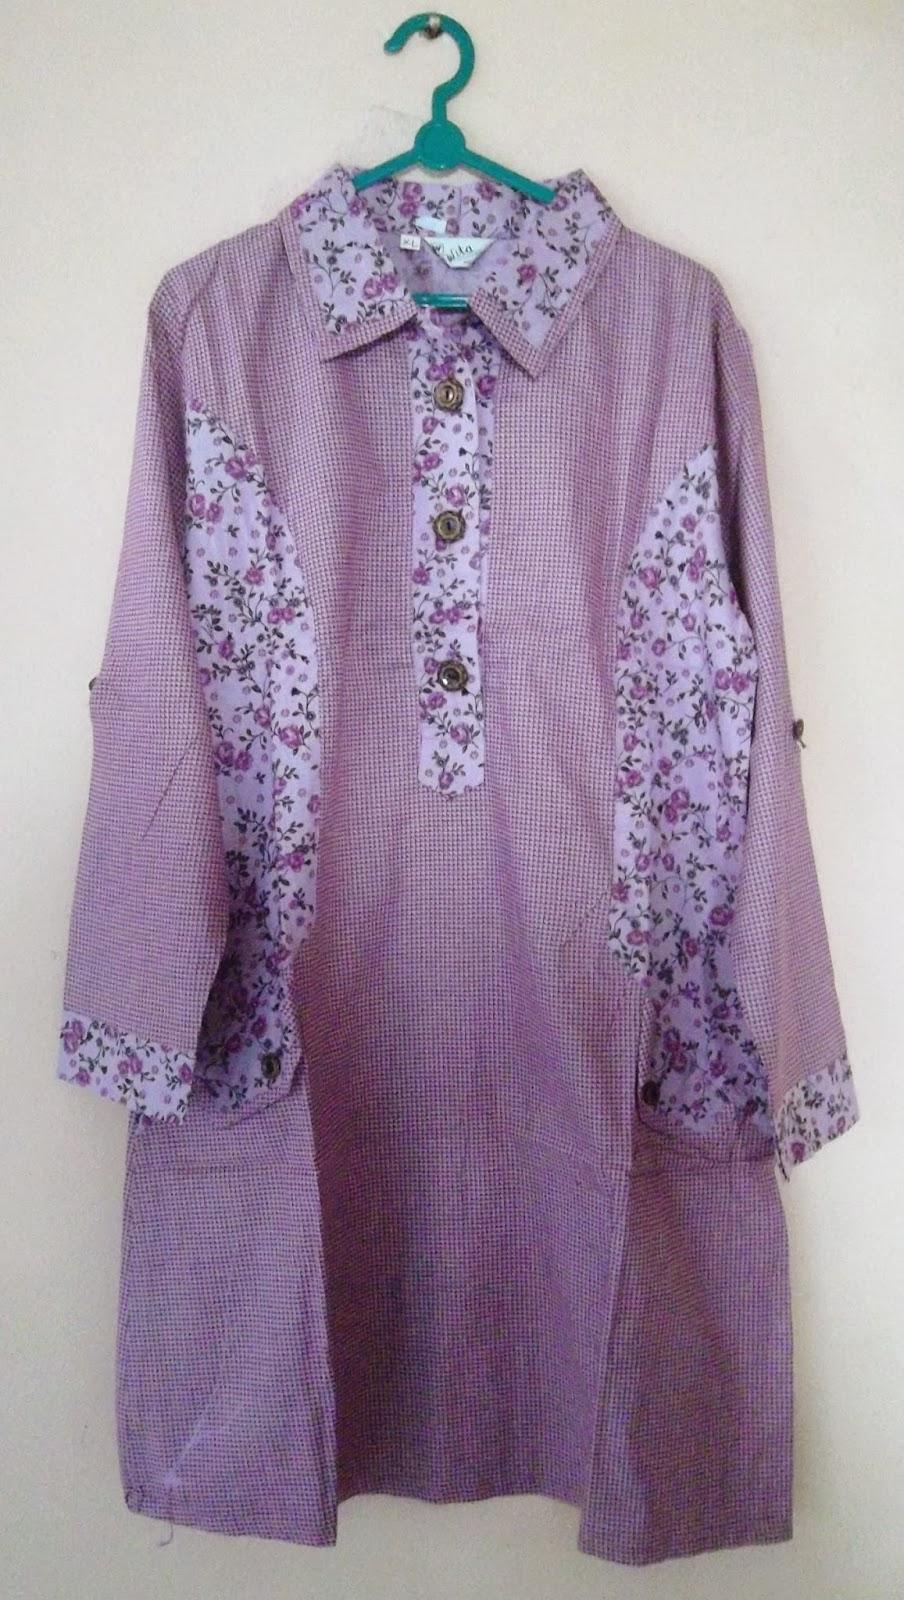 Baju Dan Jilbab Trend Jilbab 2014 Grosir Jilbab Dan Baju